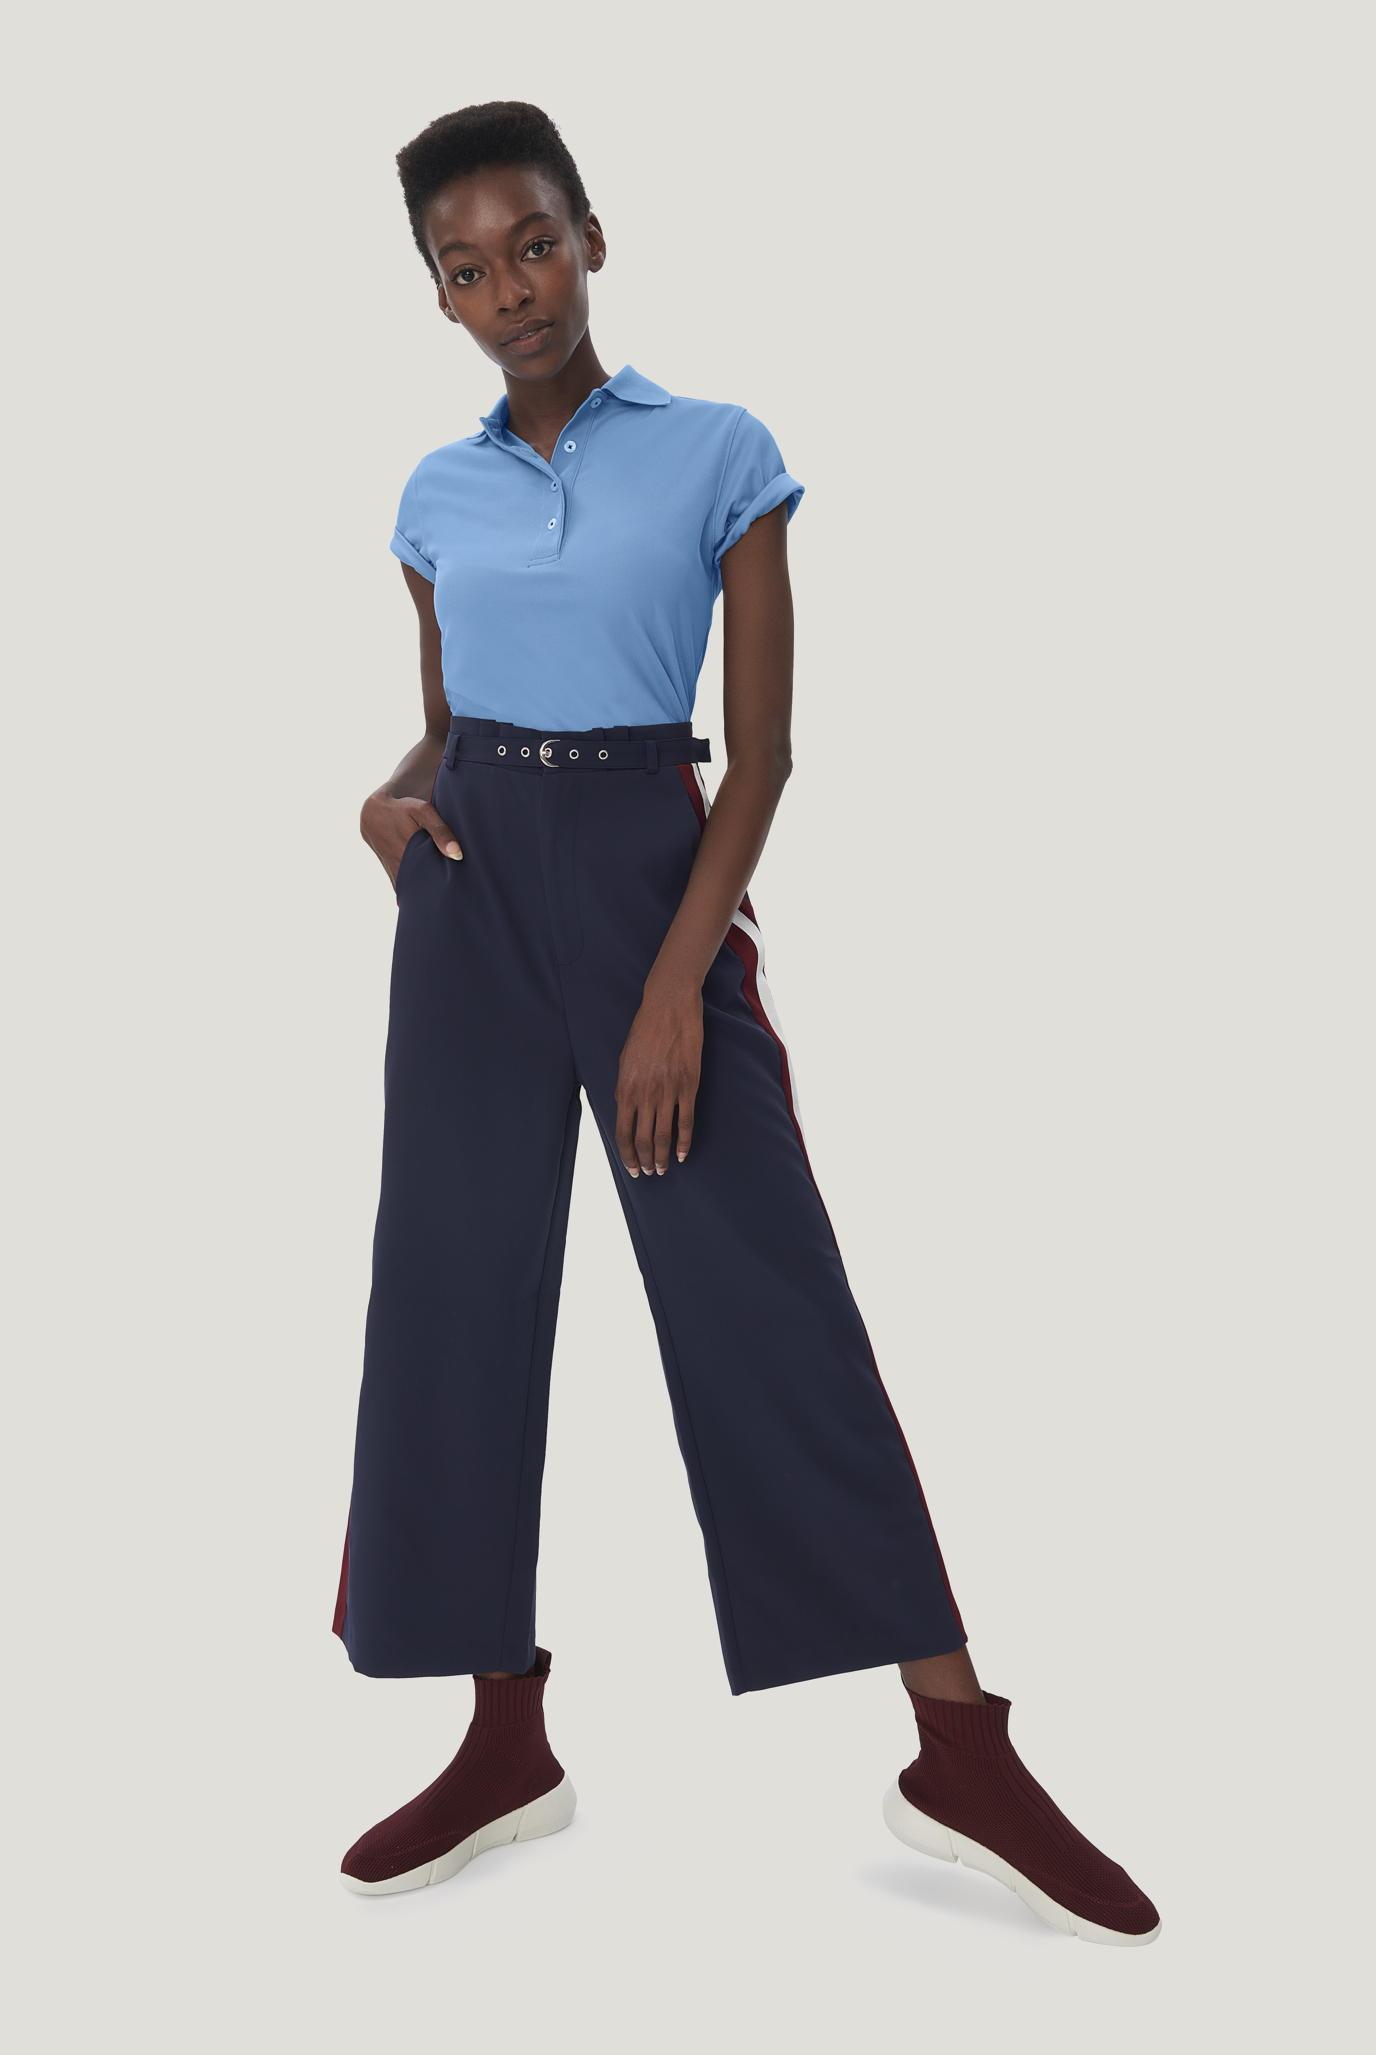 Damen Poloshirt Coolmax von HAKRO NO. 206